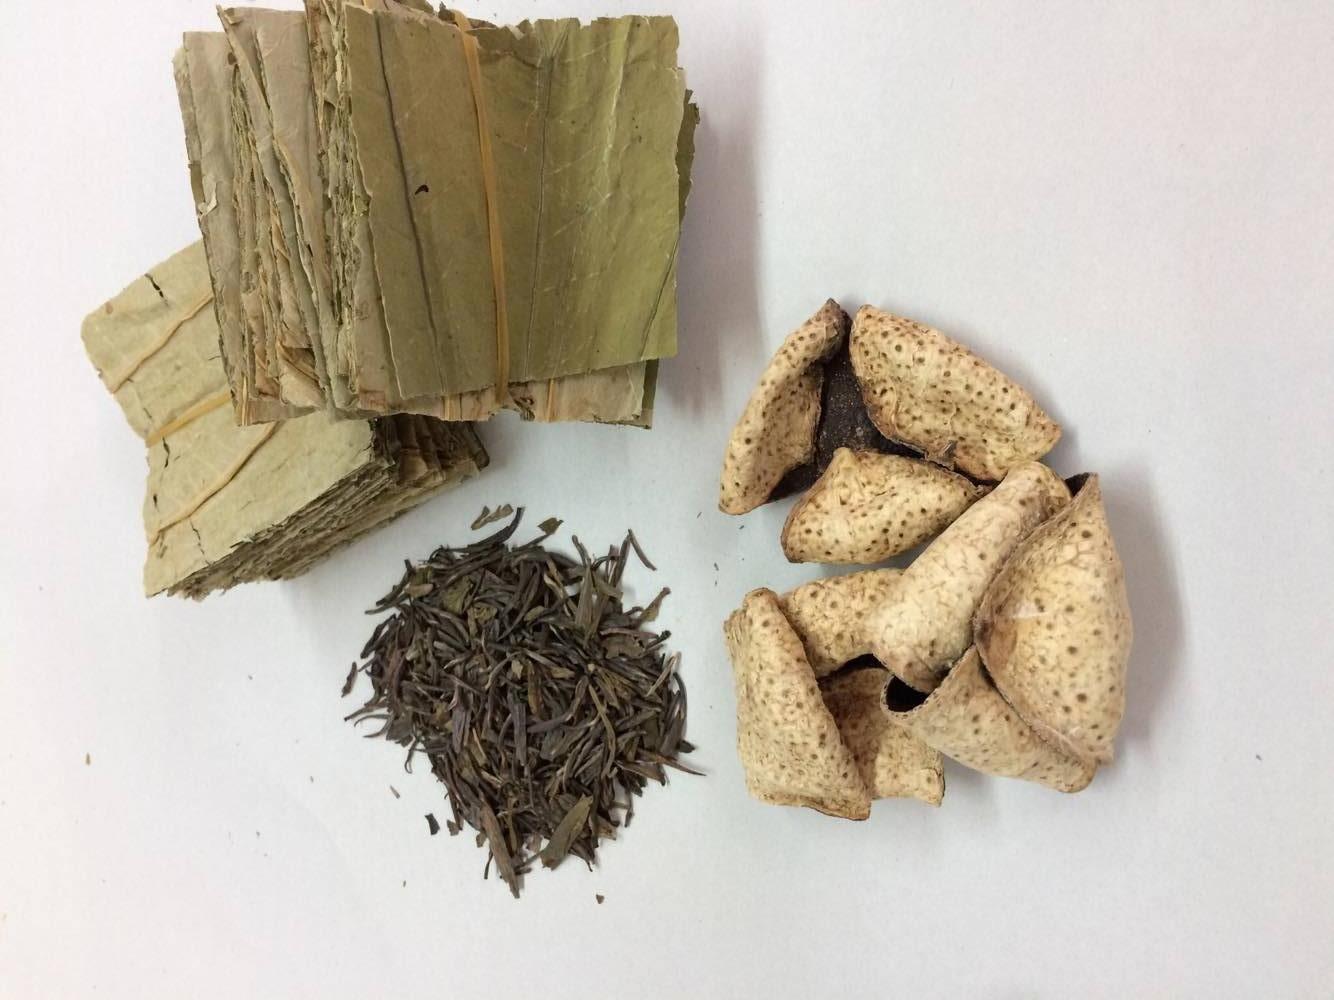 荷葉、陳皮、普洱茶。相傳慈禧太后也服用此茶飲來養生。